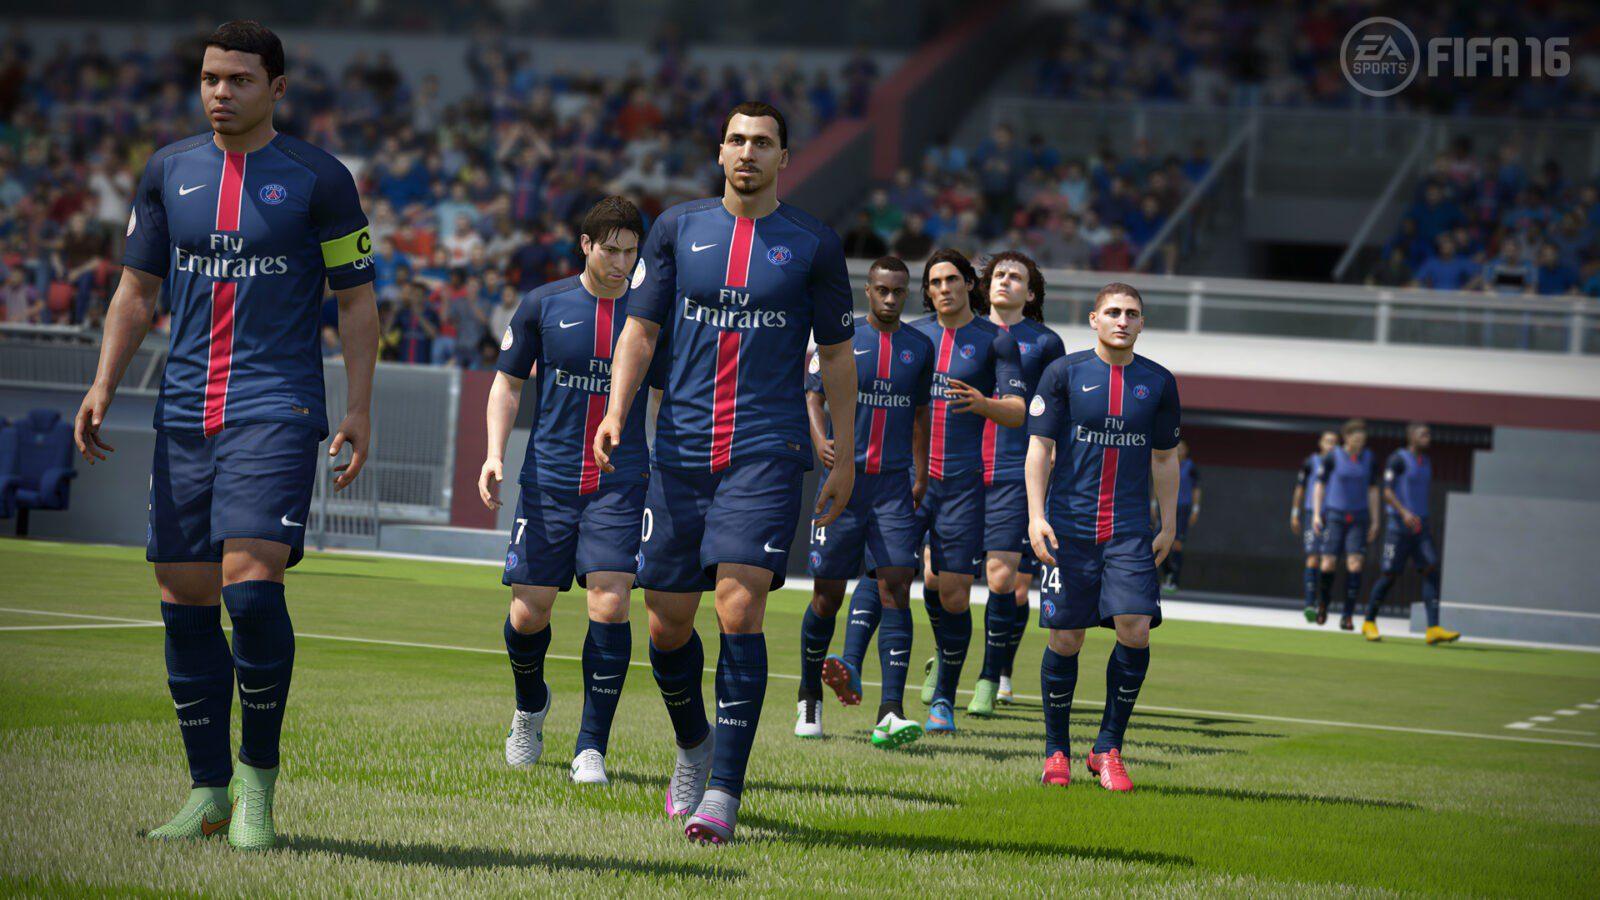 بازی fifa 2016 کنسول ps4